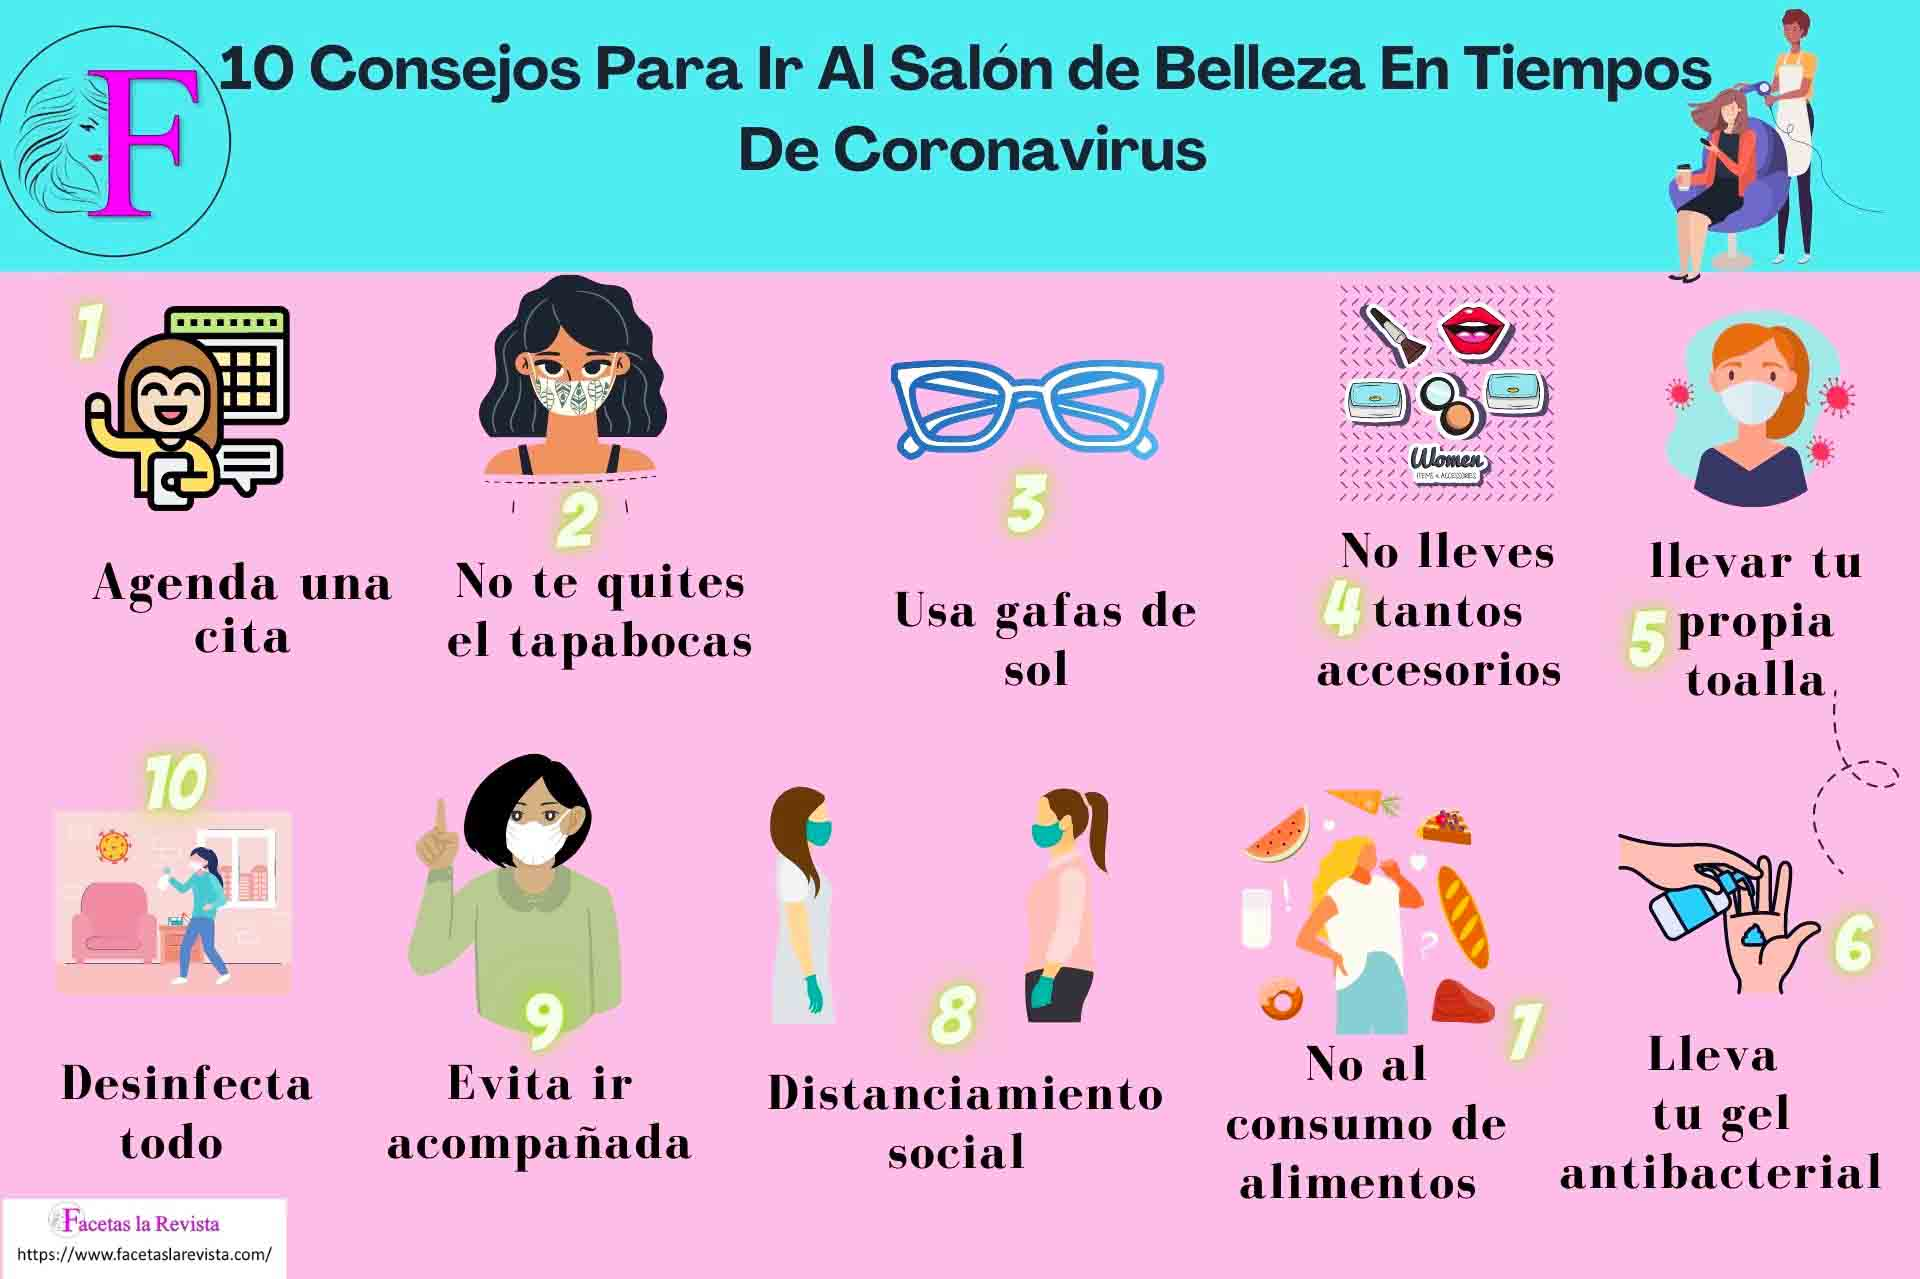 Infografía 10 Consejos Para Ir Al Salón de Belleza En Tiempos De Coronavirus